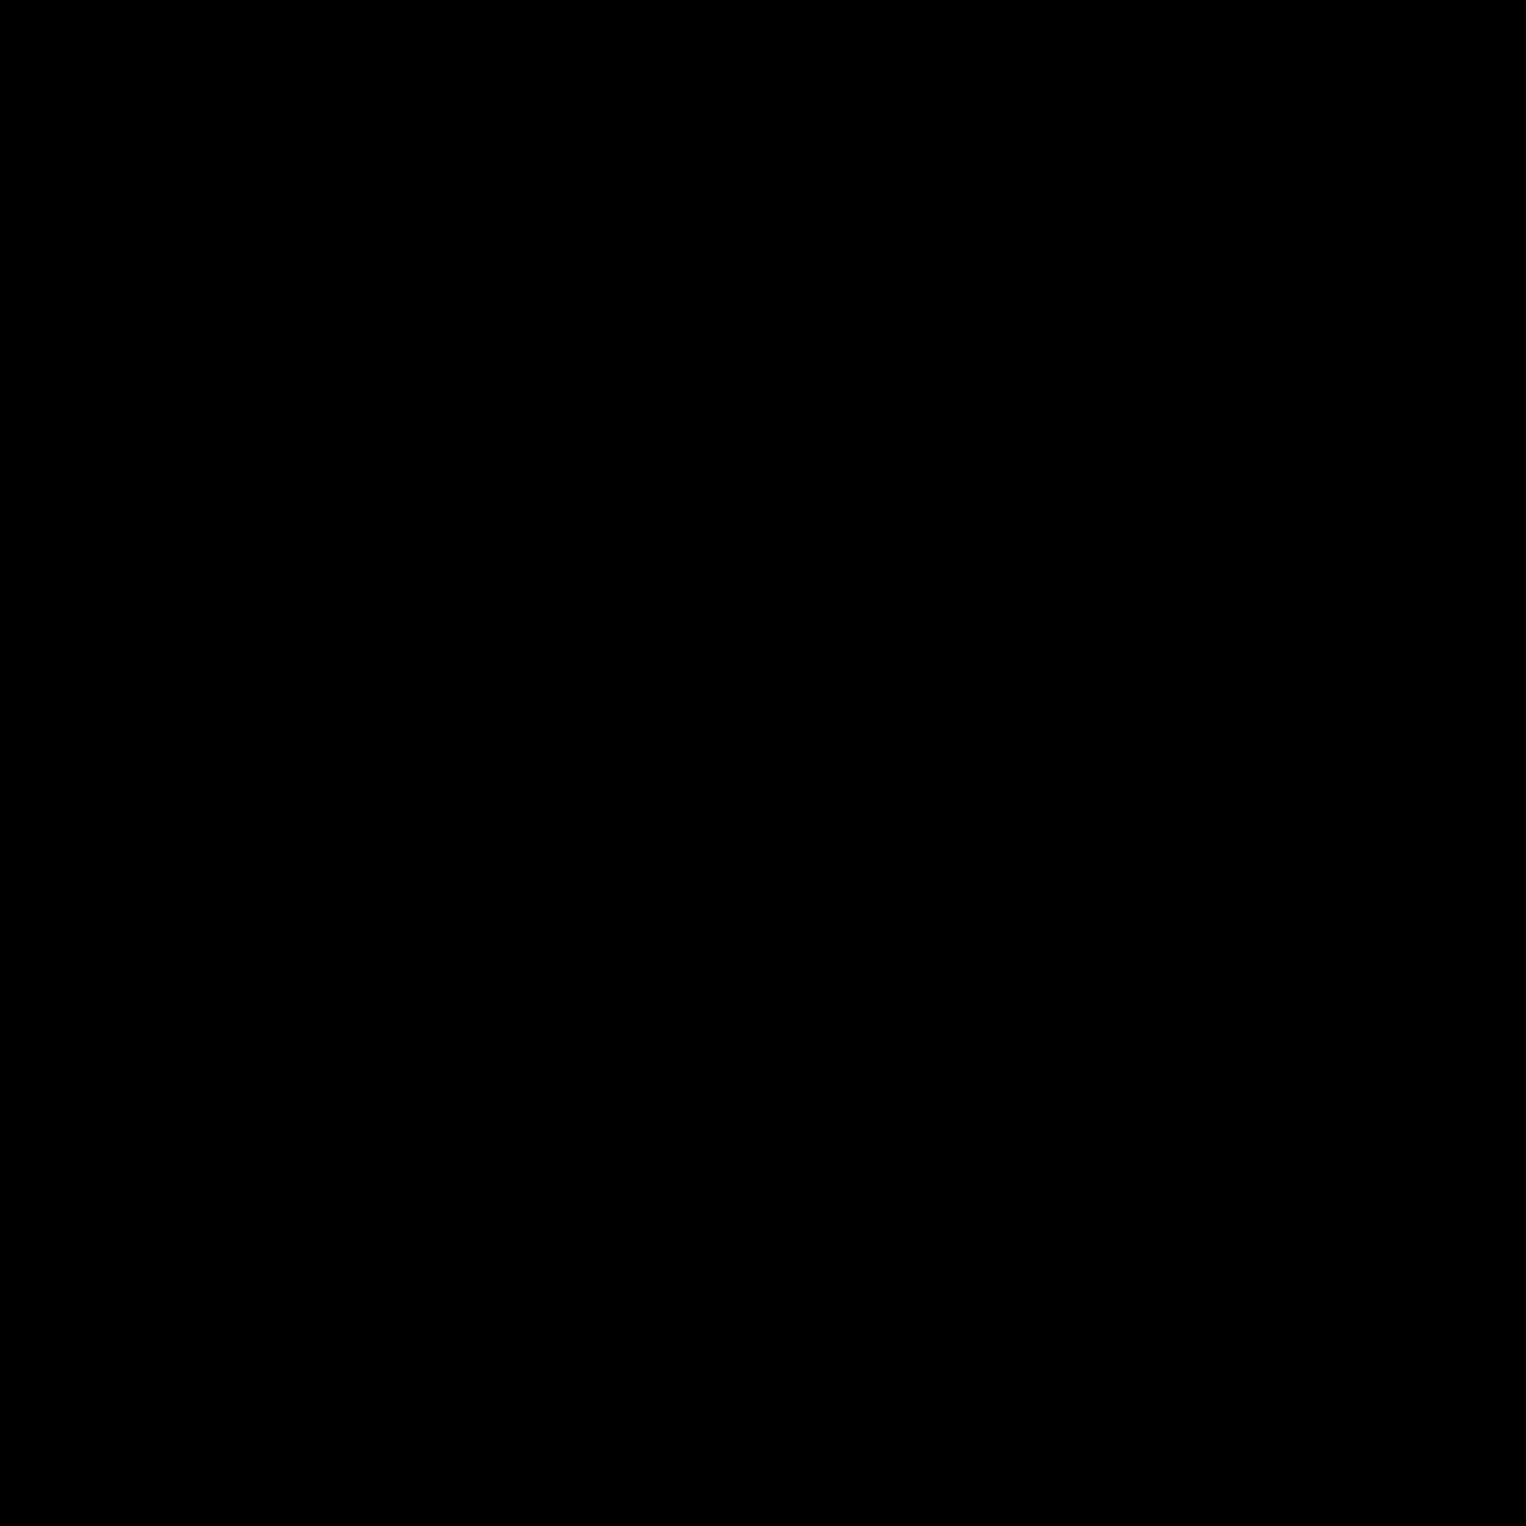 Картинки балалайки в векторе